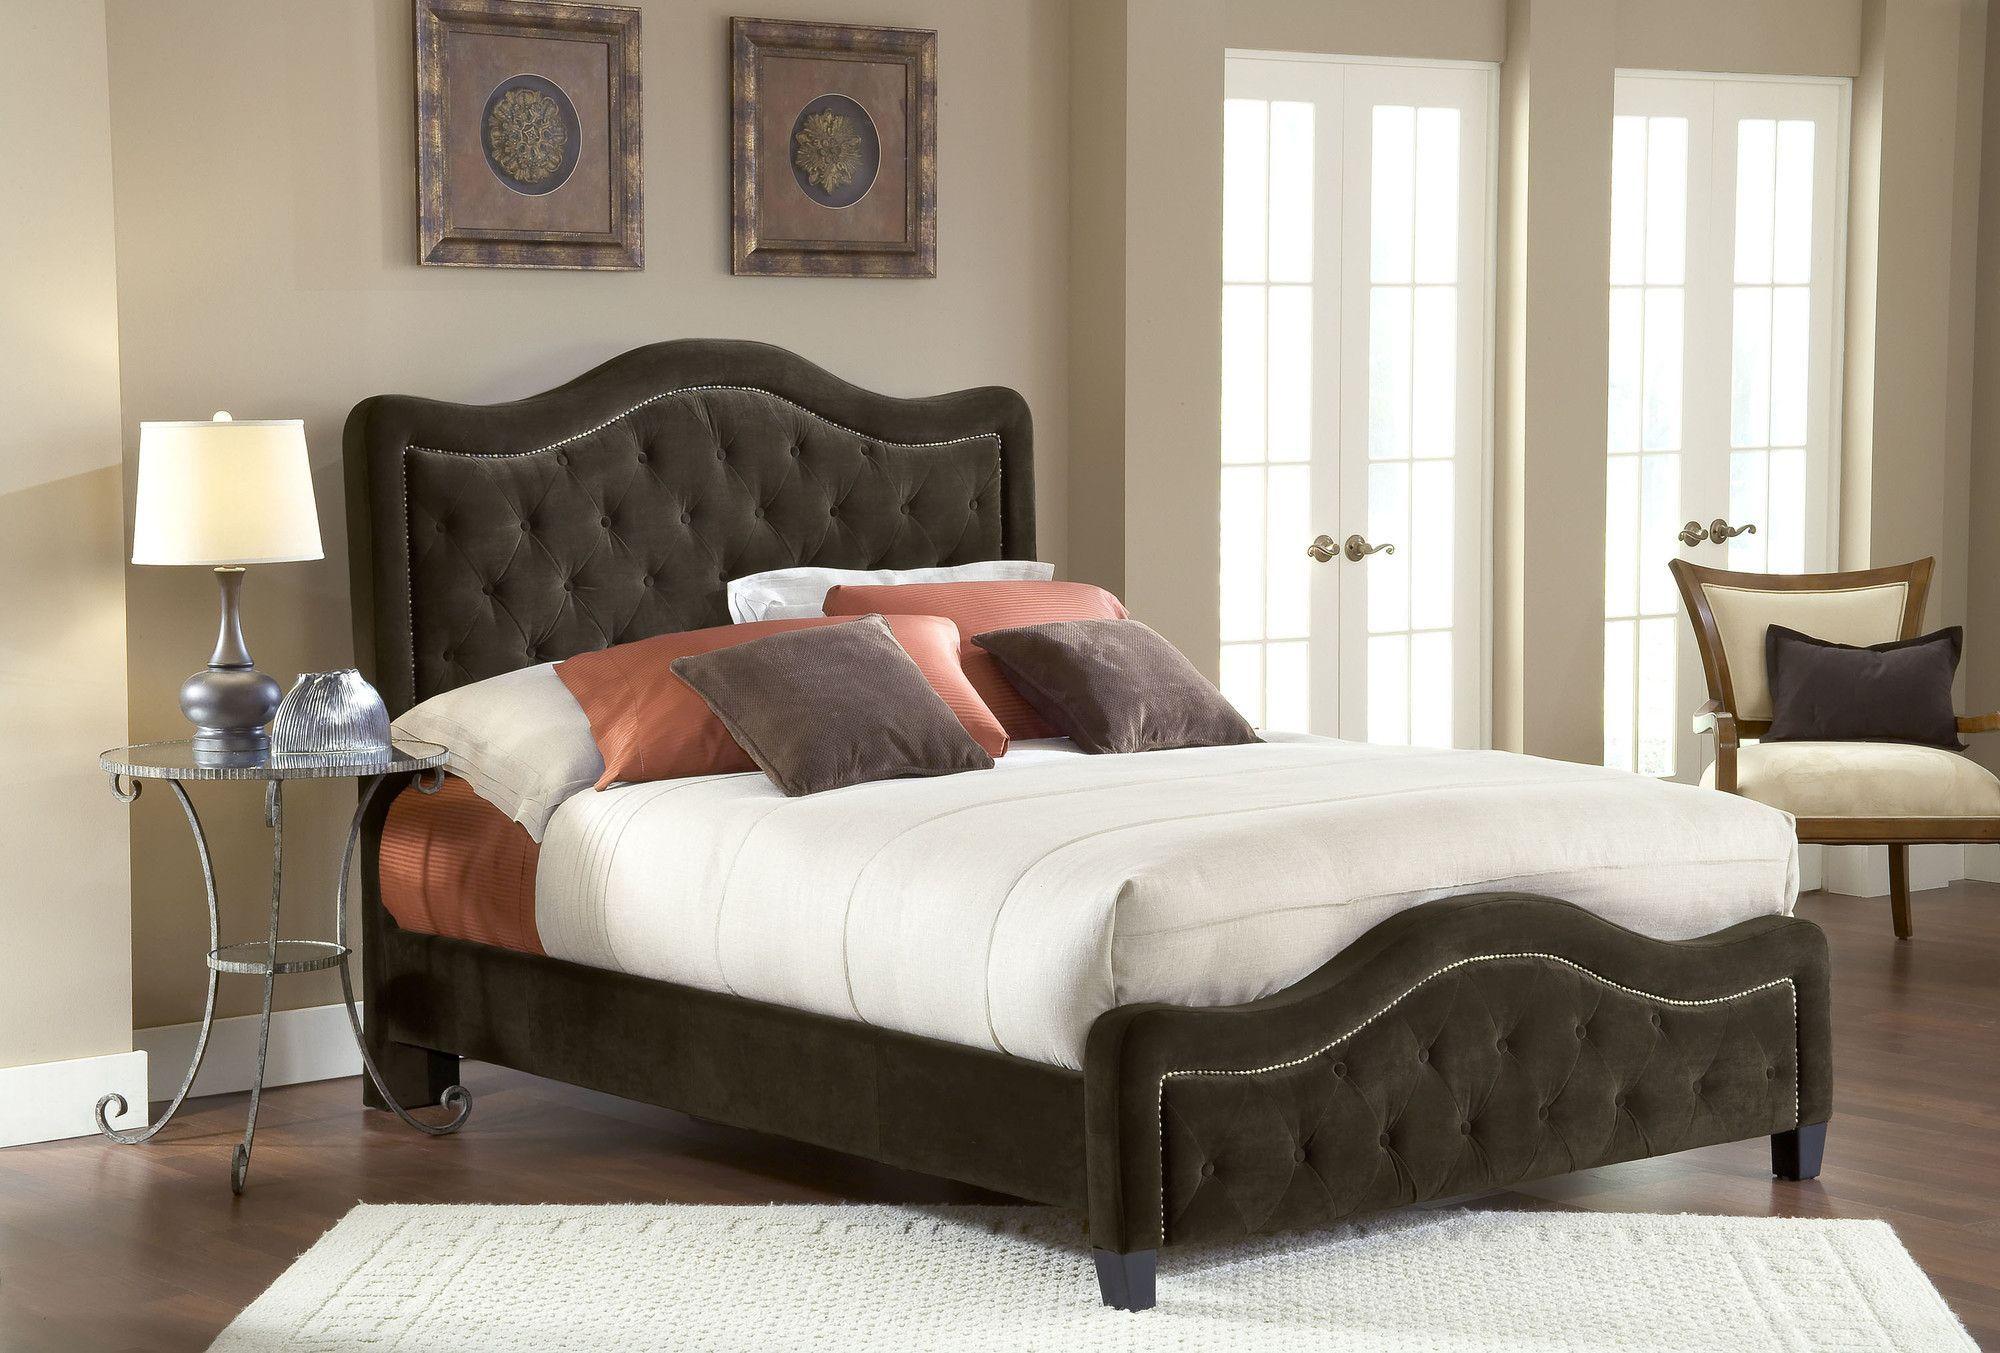 Gloucester Upholstered Standard Bed Bed, Hillsdale